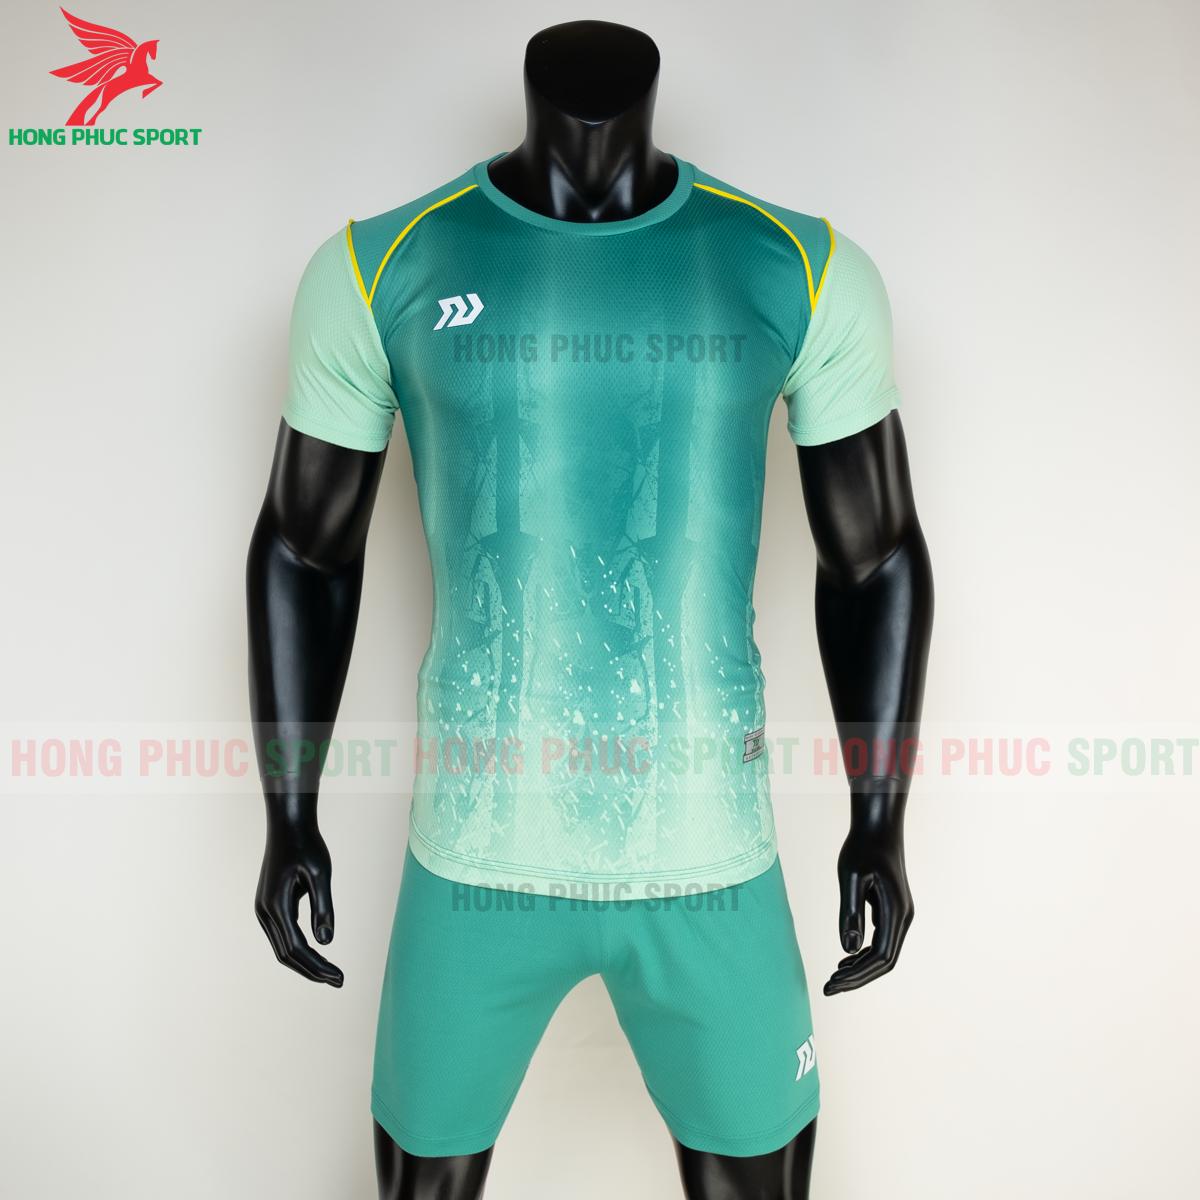 Áo đá banh không logo Bulbal Hades 2021 màu Xanh lá (trước)